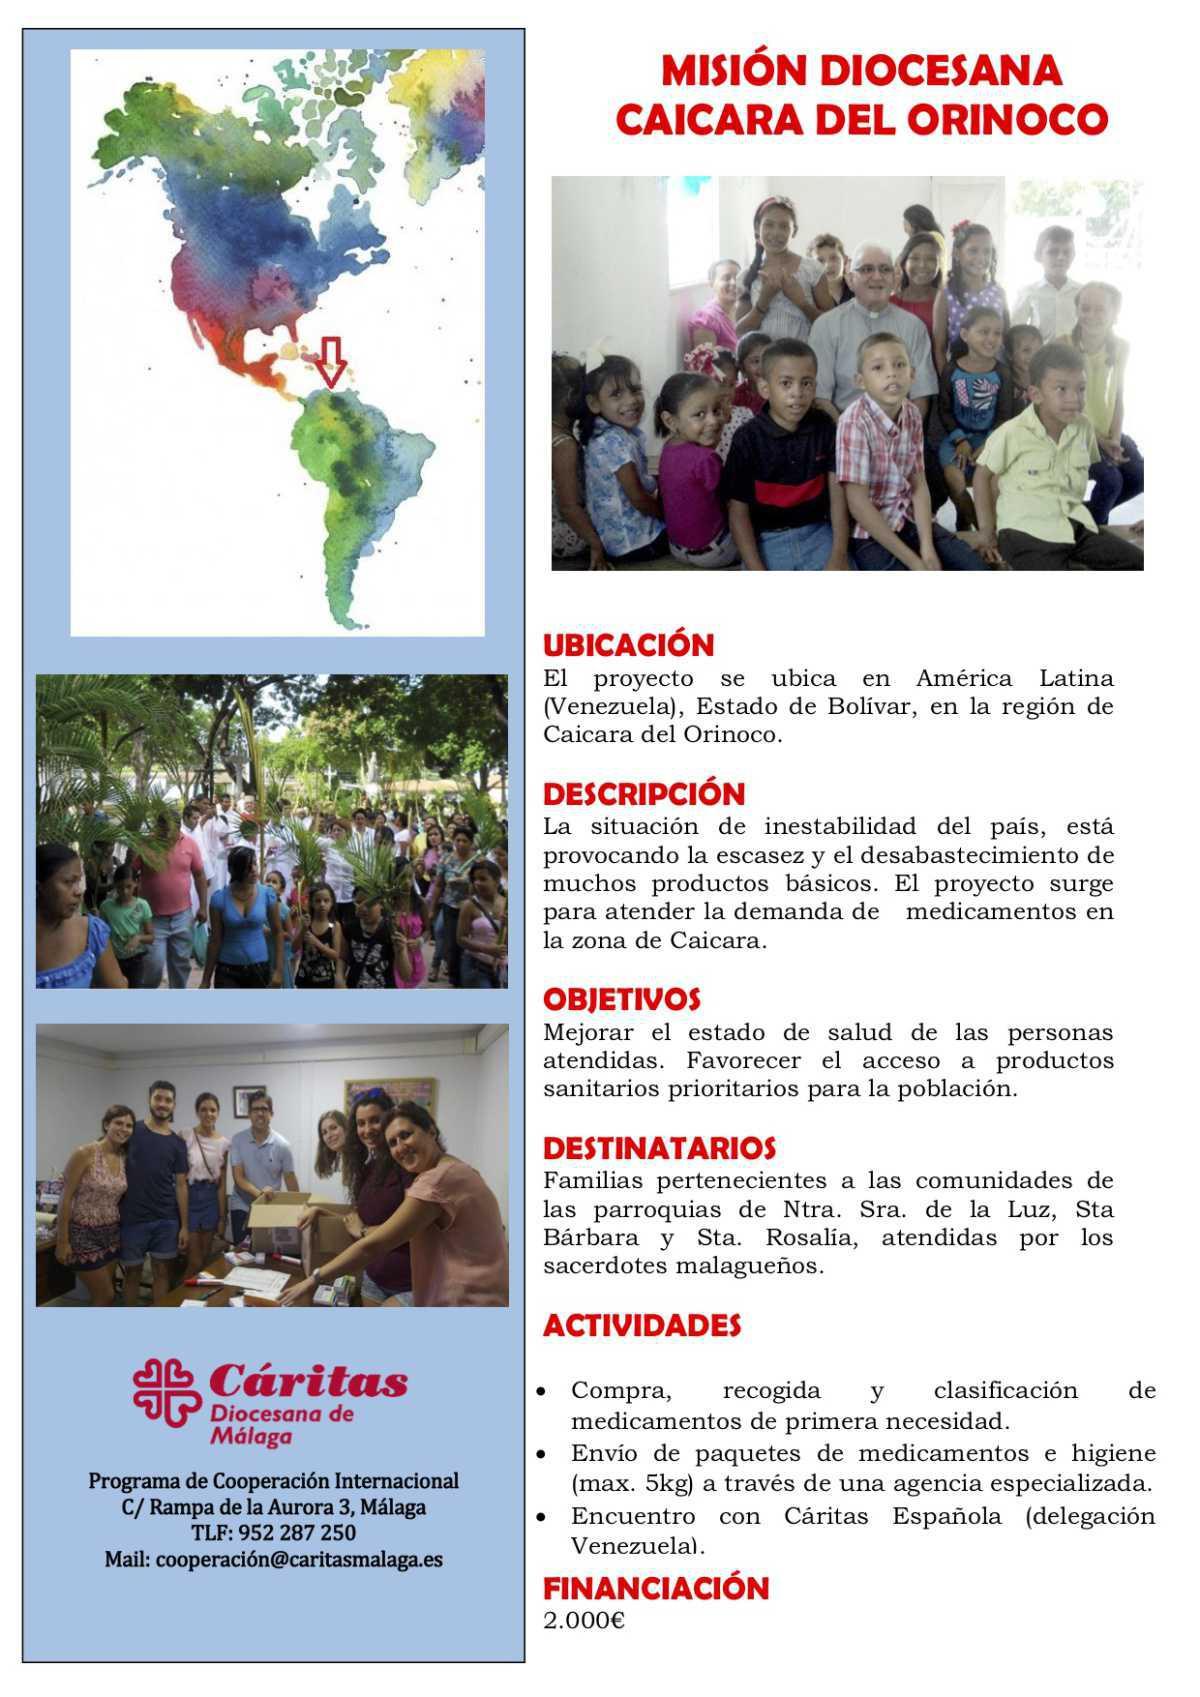 Misión Diocesana Caicara del Orinoco